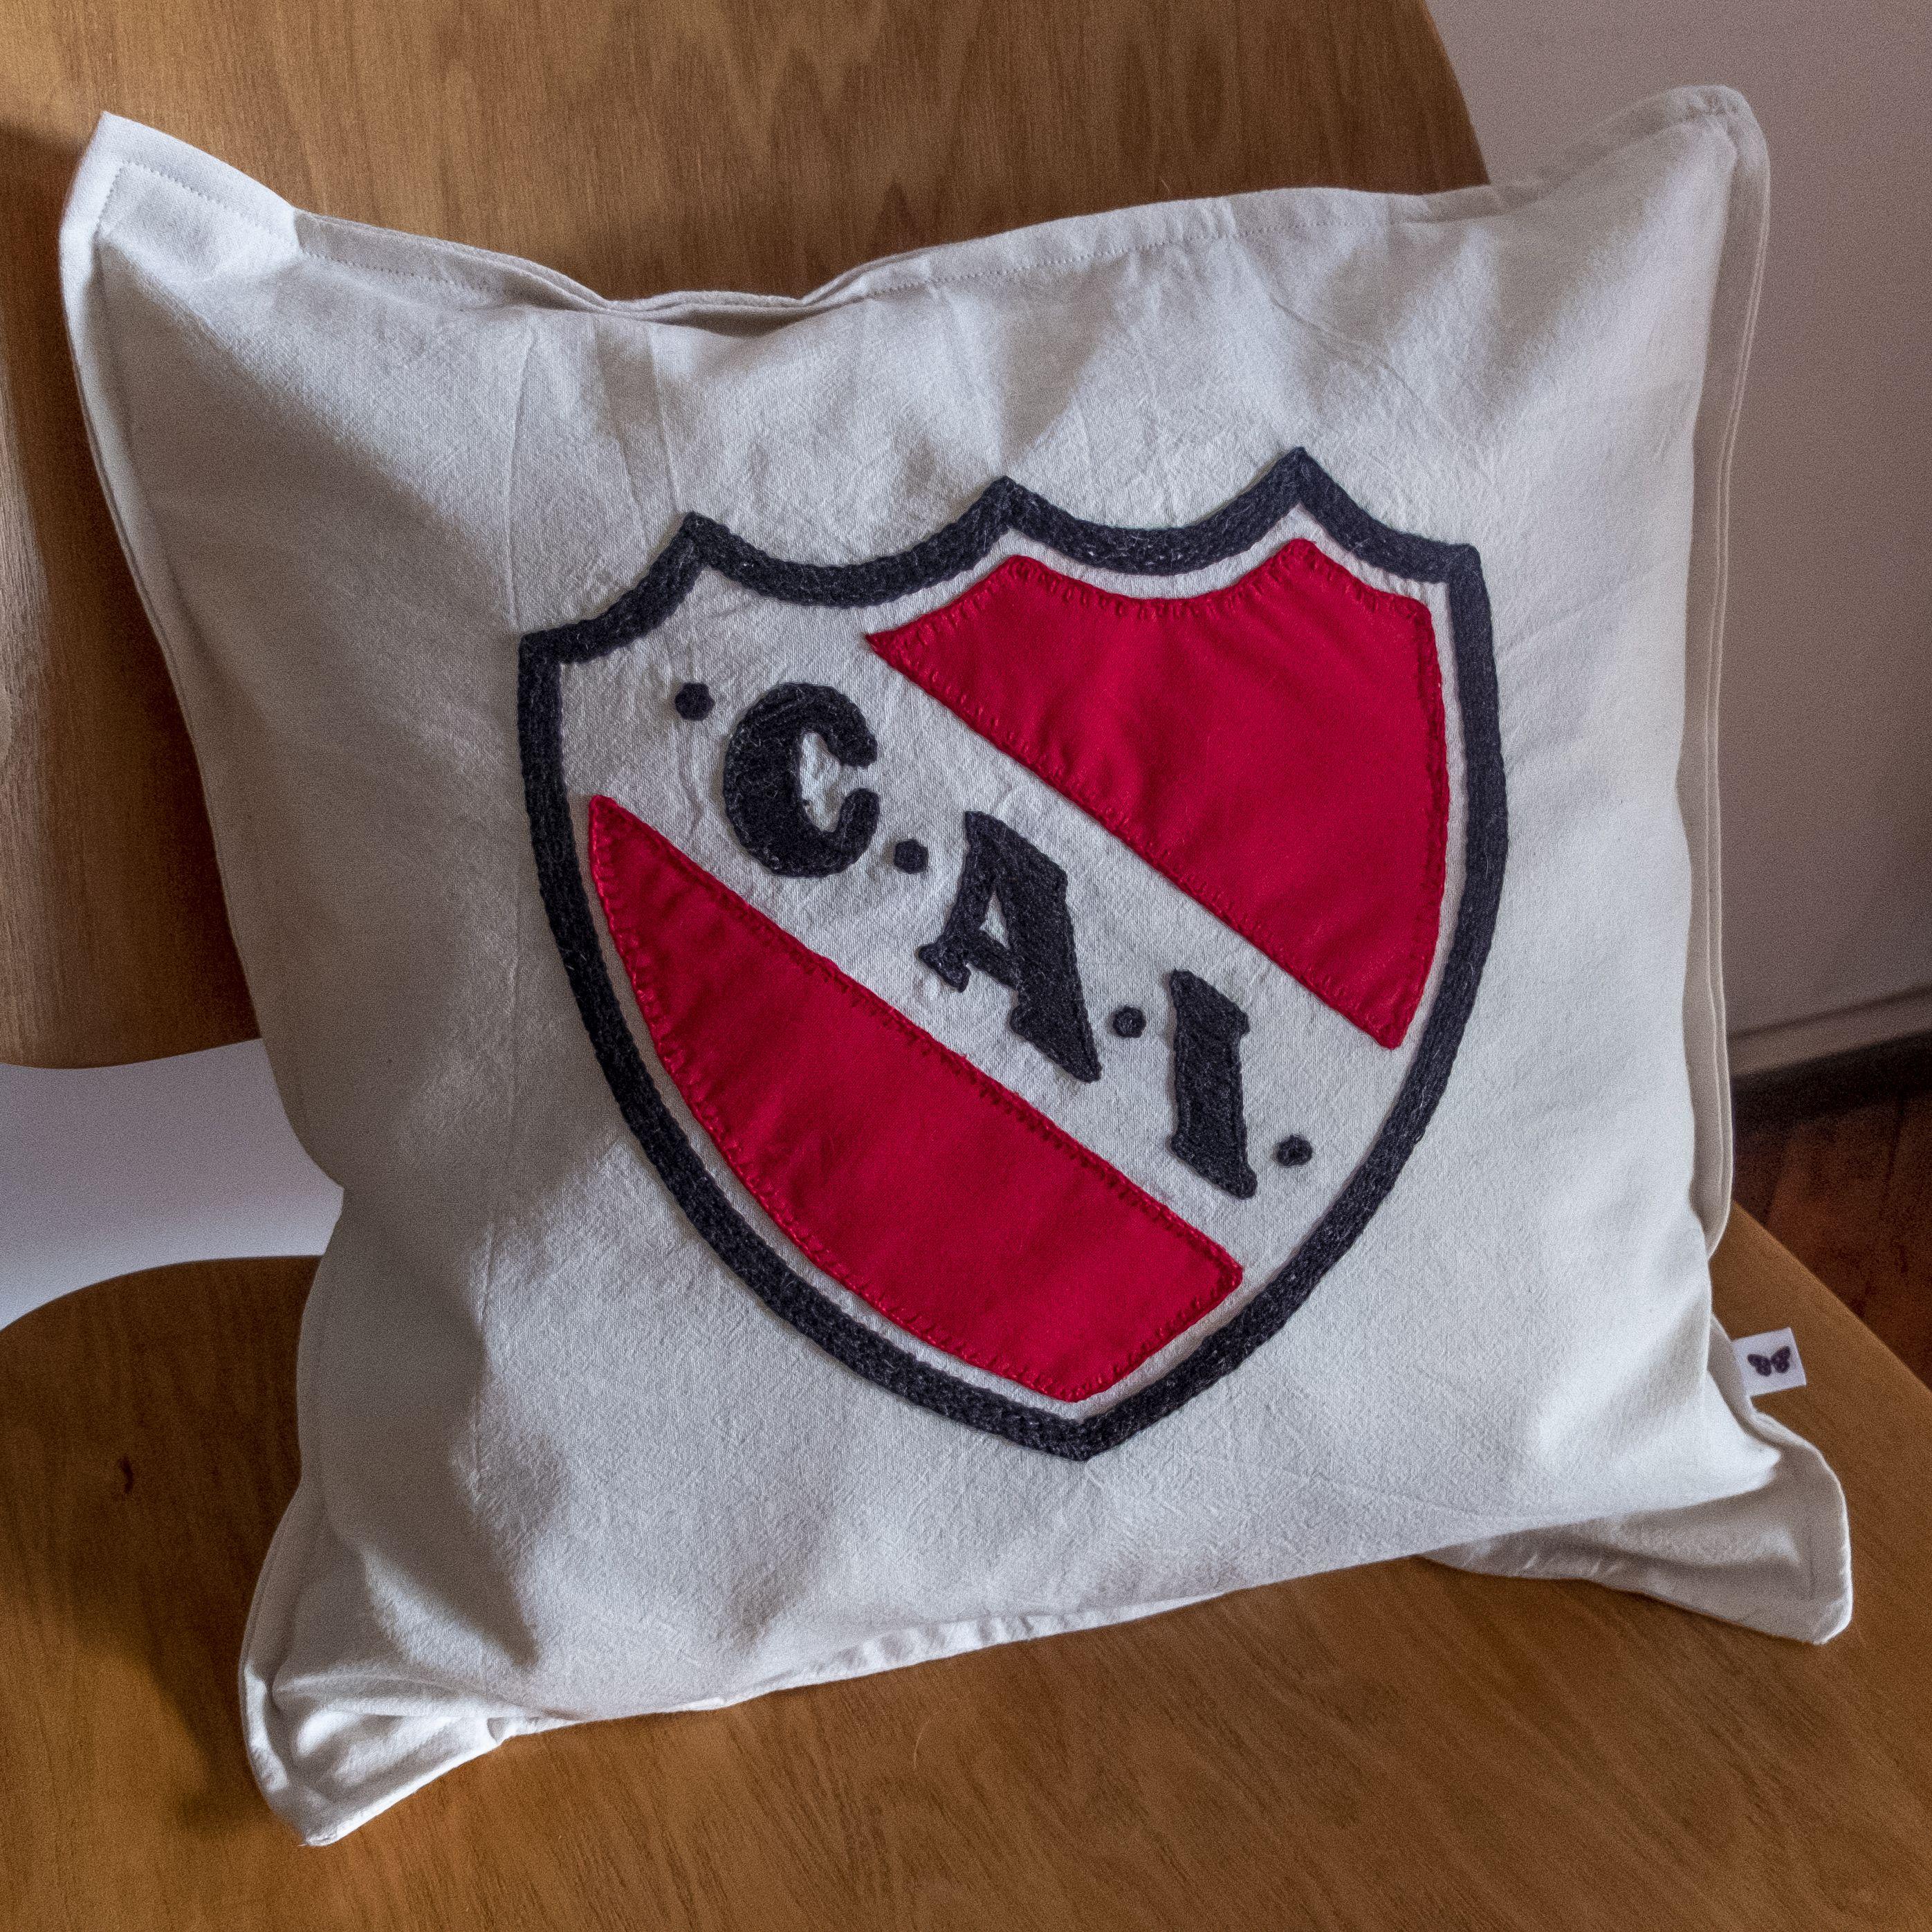 Almohadón para campeones Almohadón a pedido para Fan del Club Atlético Independiente